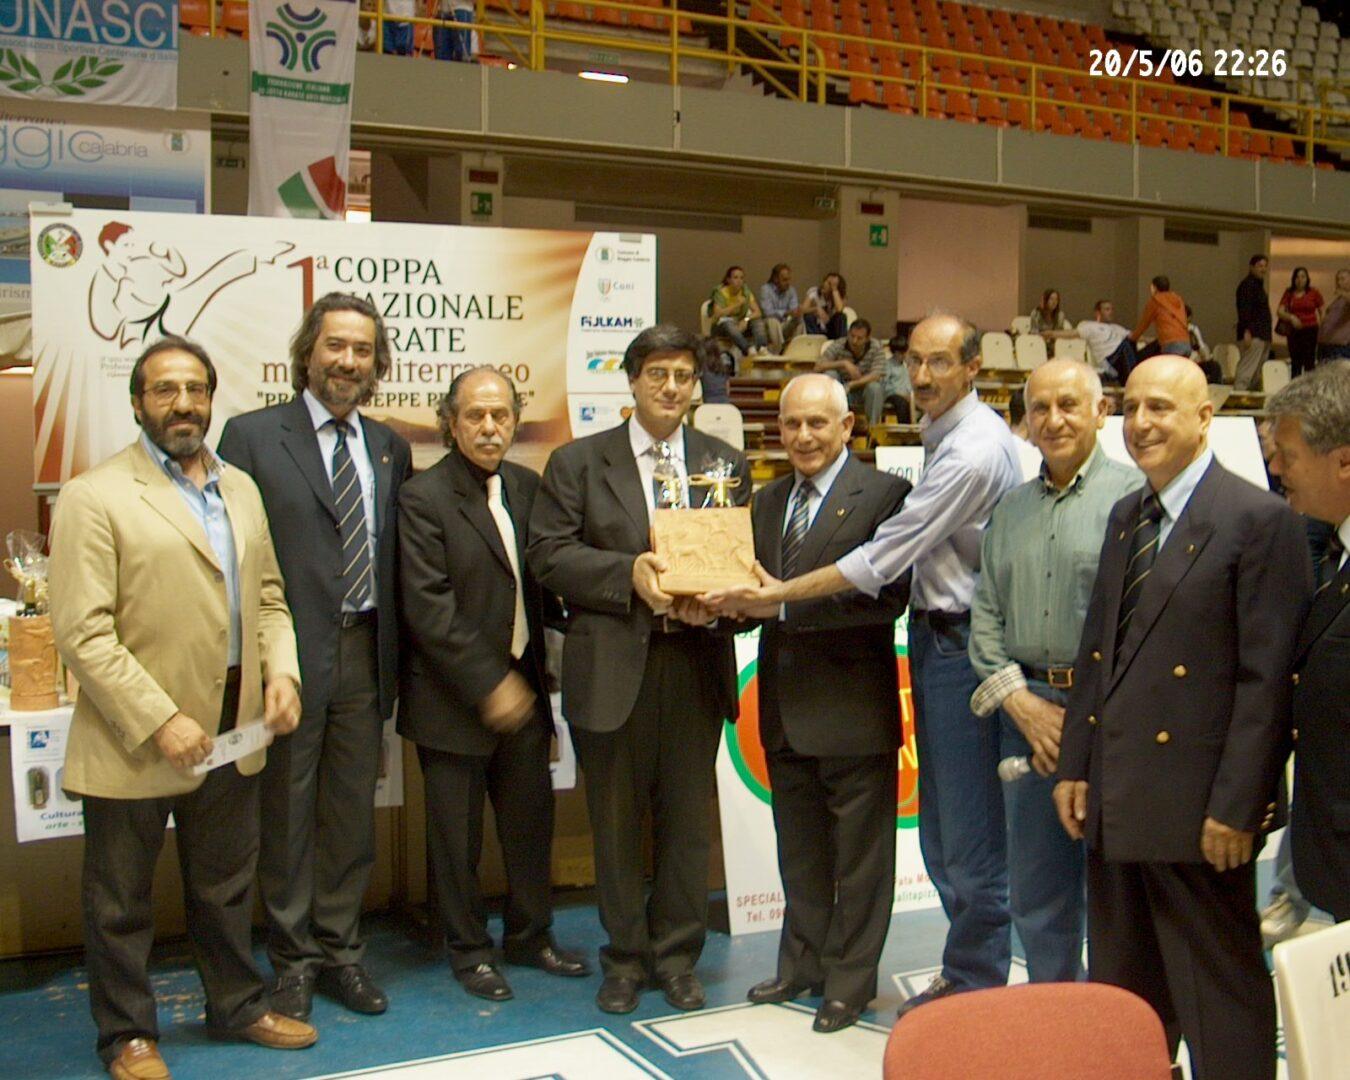 Coppa Nazionale Karate G. Pellicone